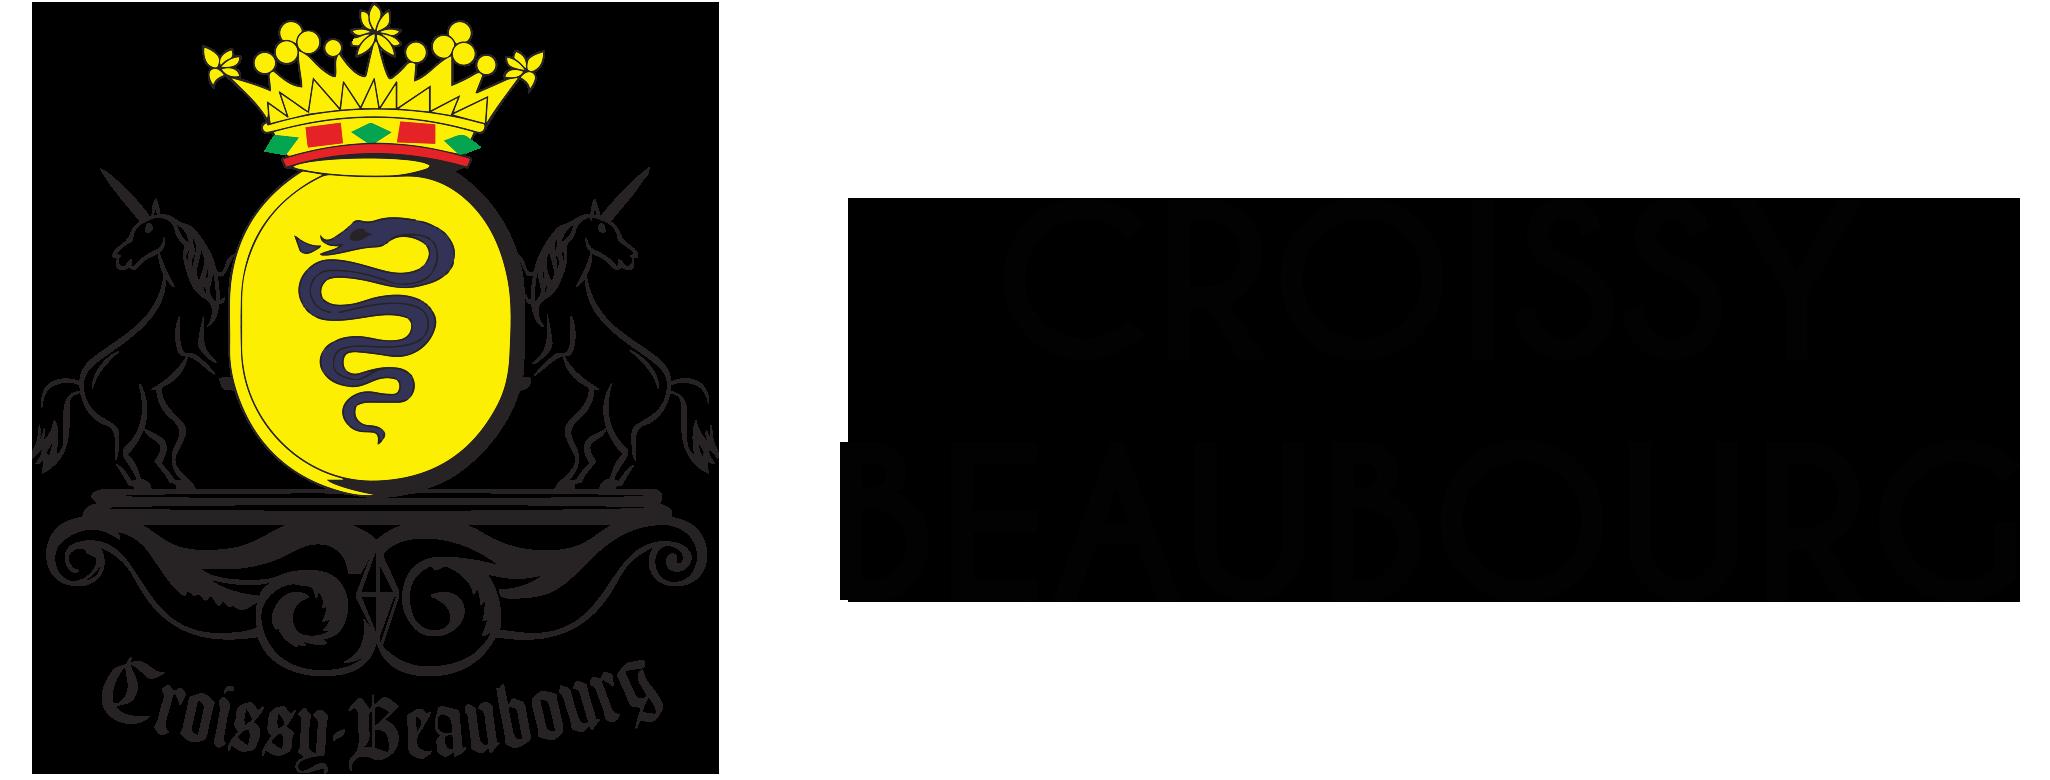 Commune de Croissy-Beaubourg